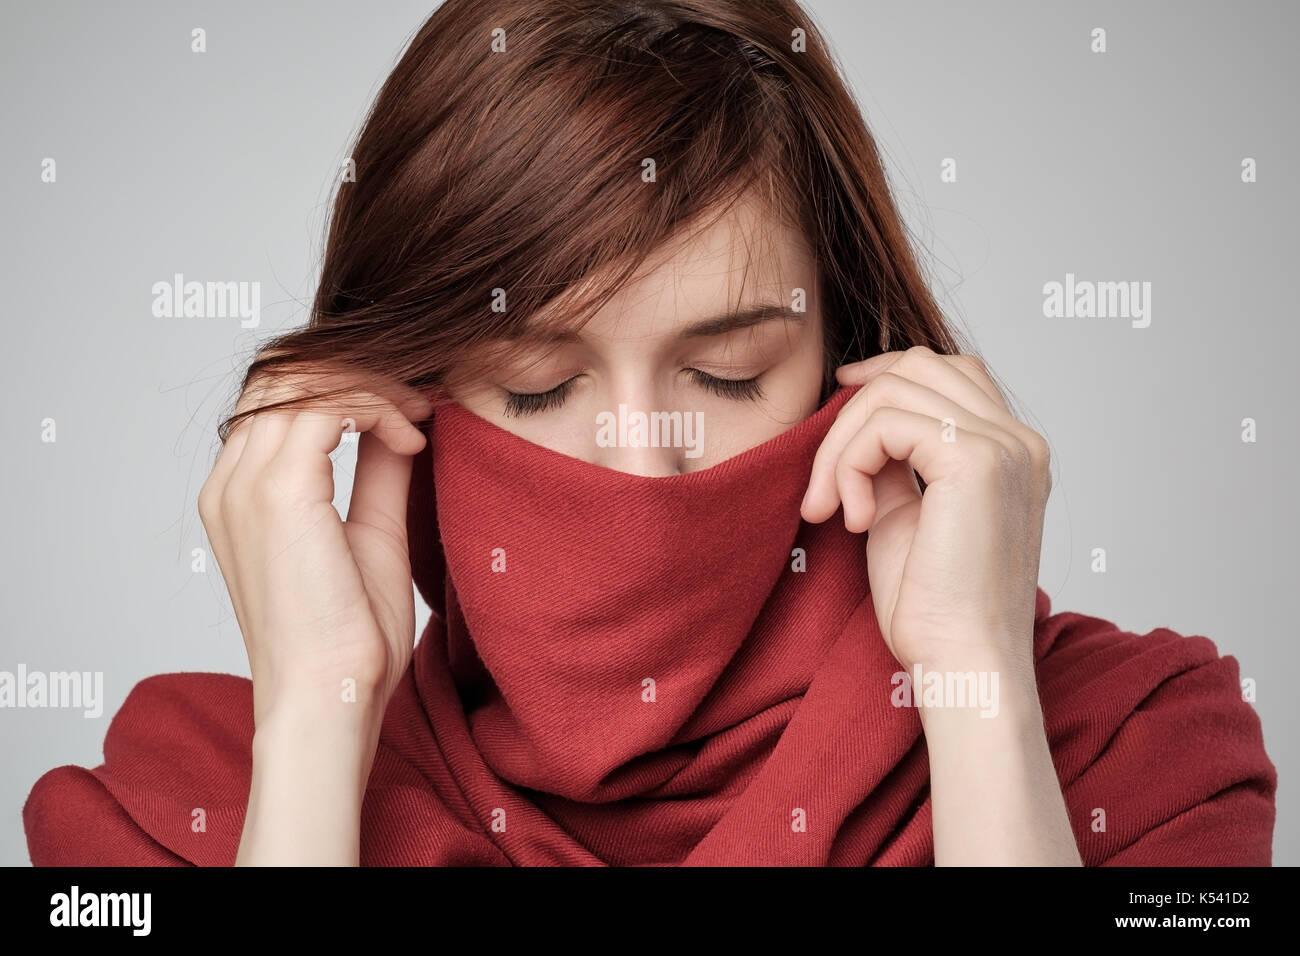 Portrait de femme aux cheveux rouge se cachant le visage avec écharpe. 96527c5ab26